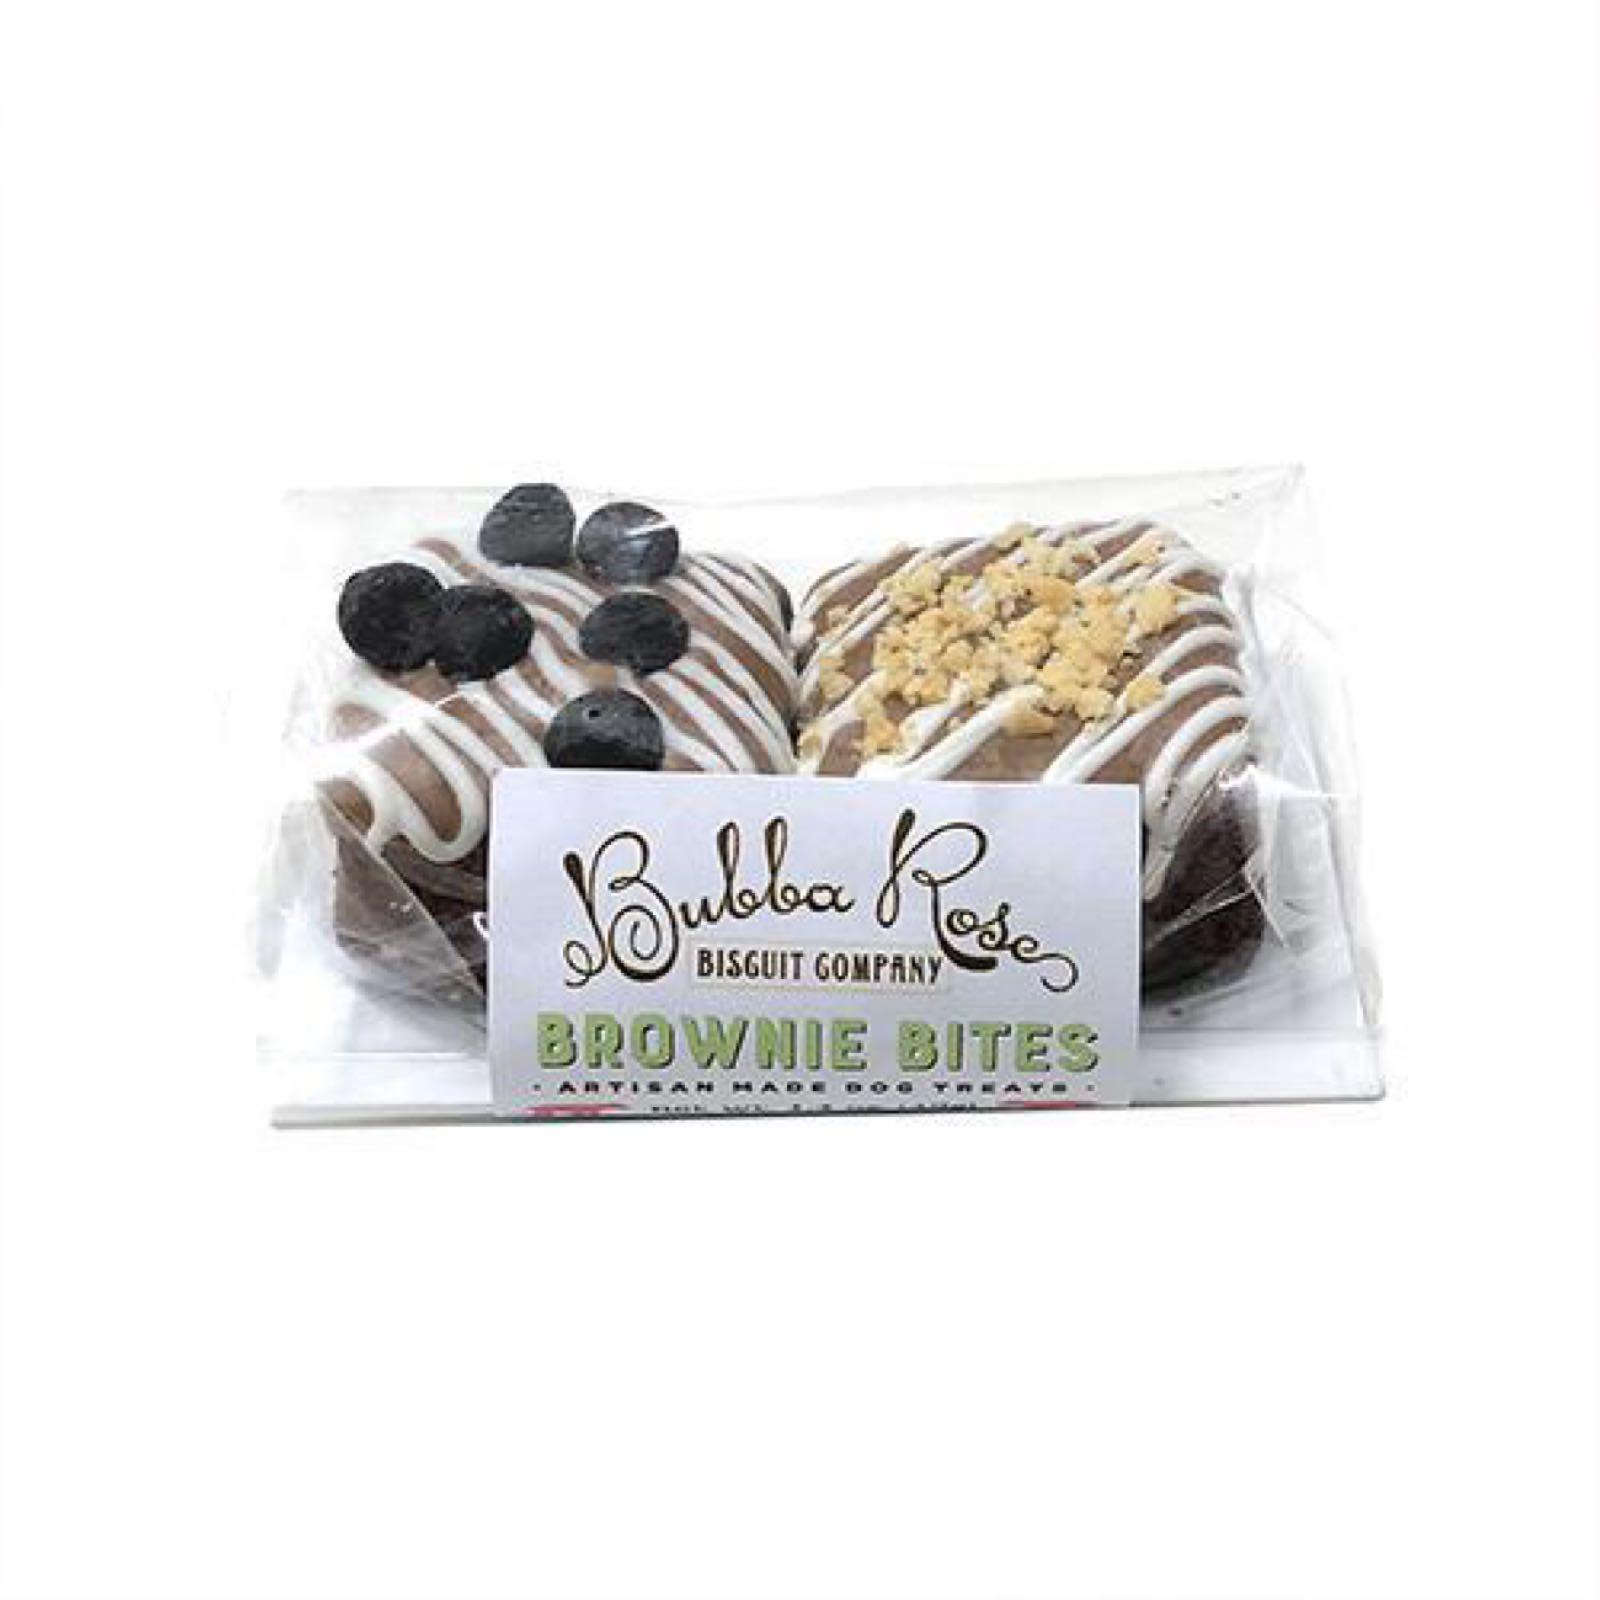 Brownie bites (2 pack)